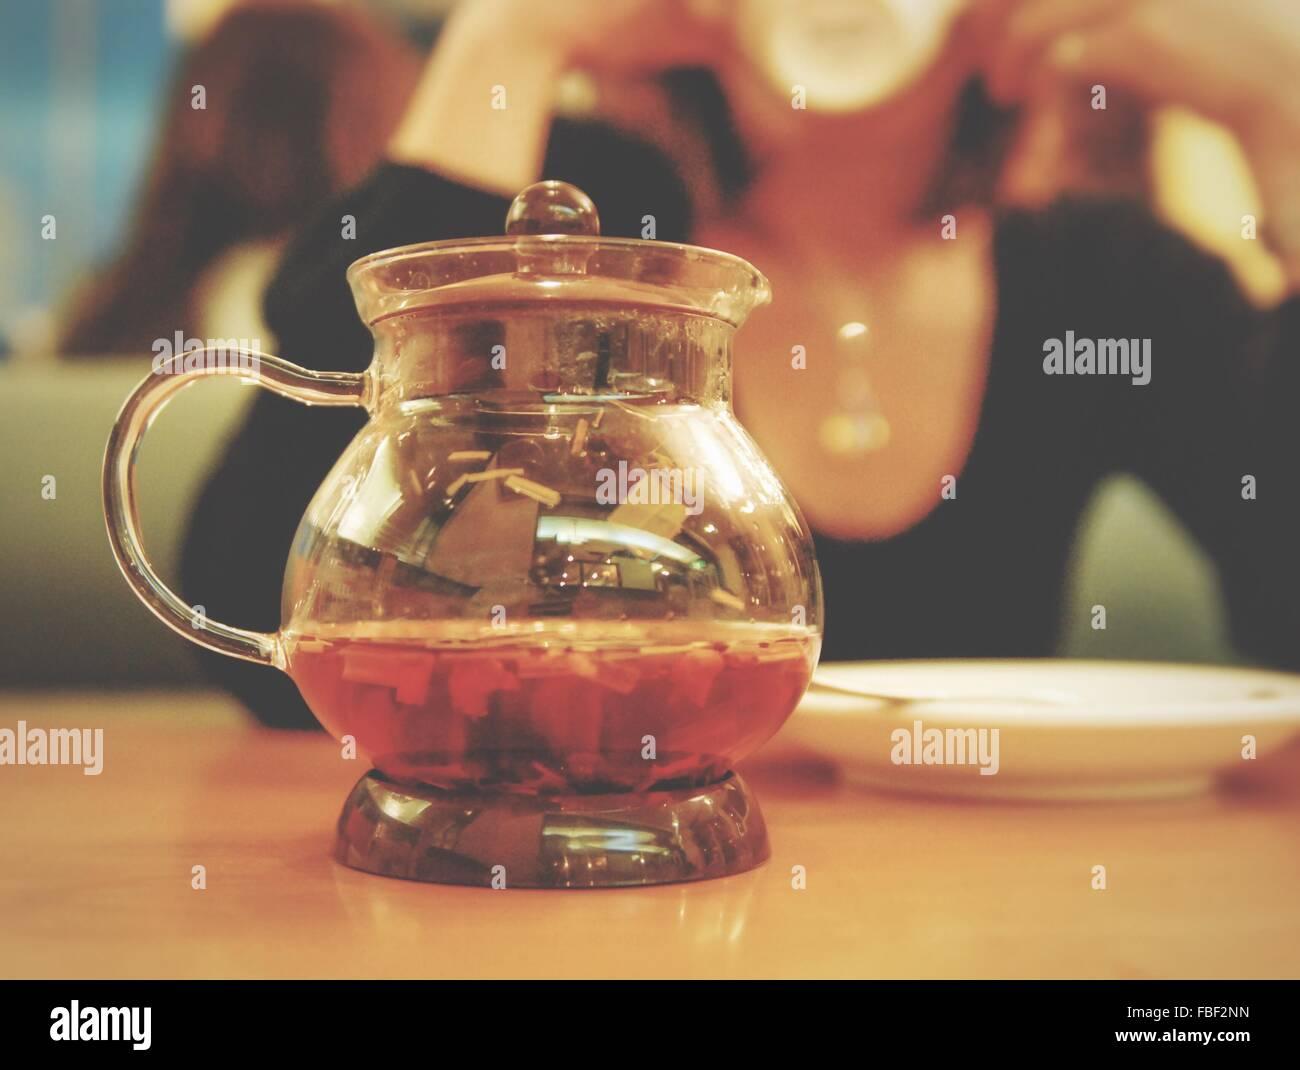 Nahaufnahme der Teekanne auf Tisch im Cafe Stockbild